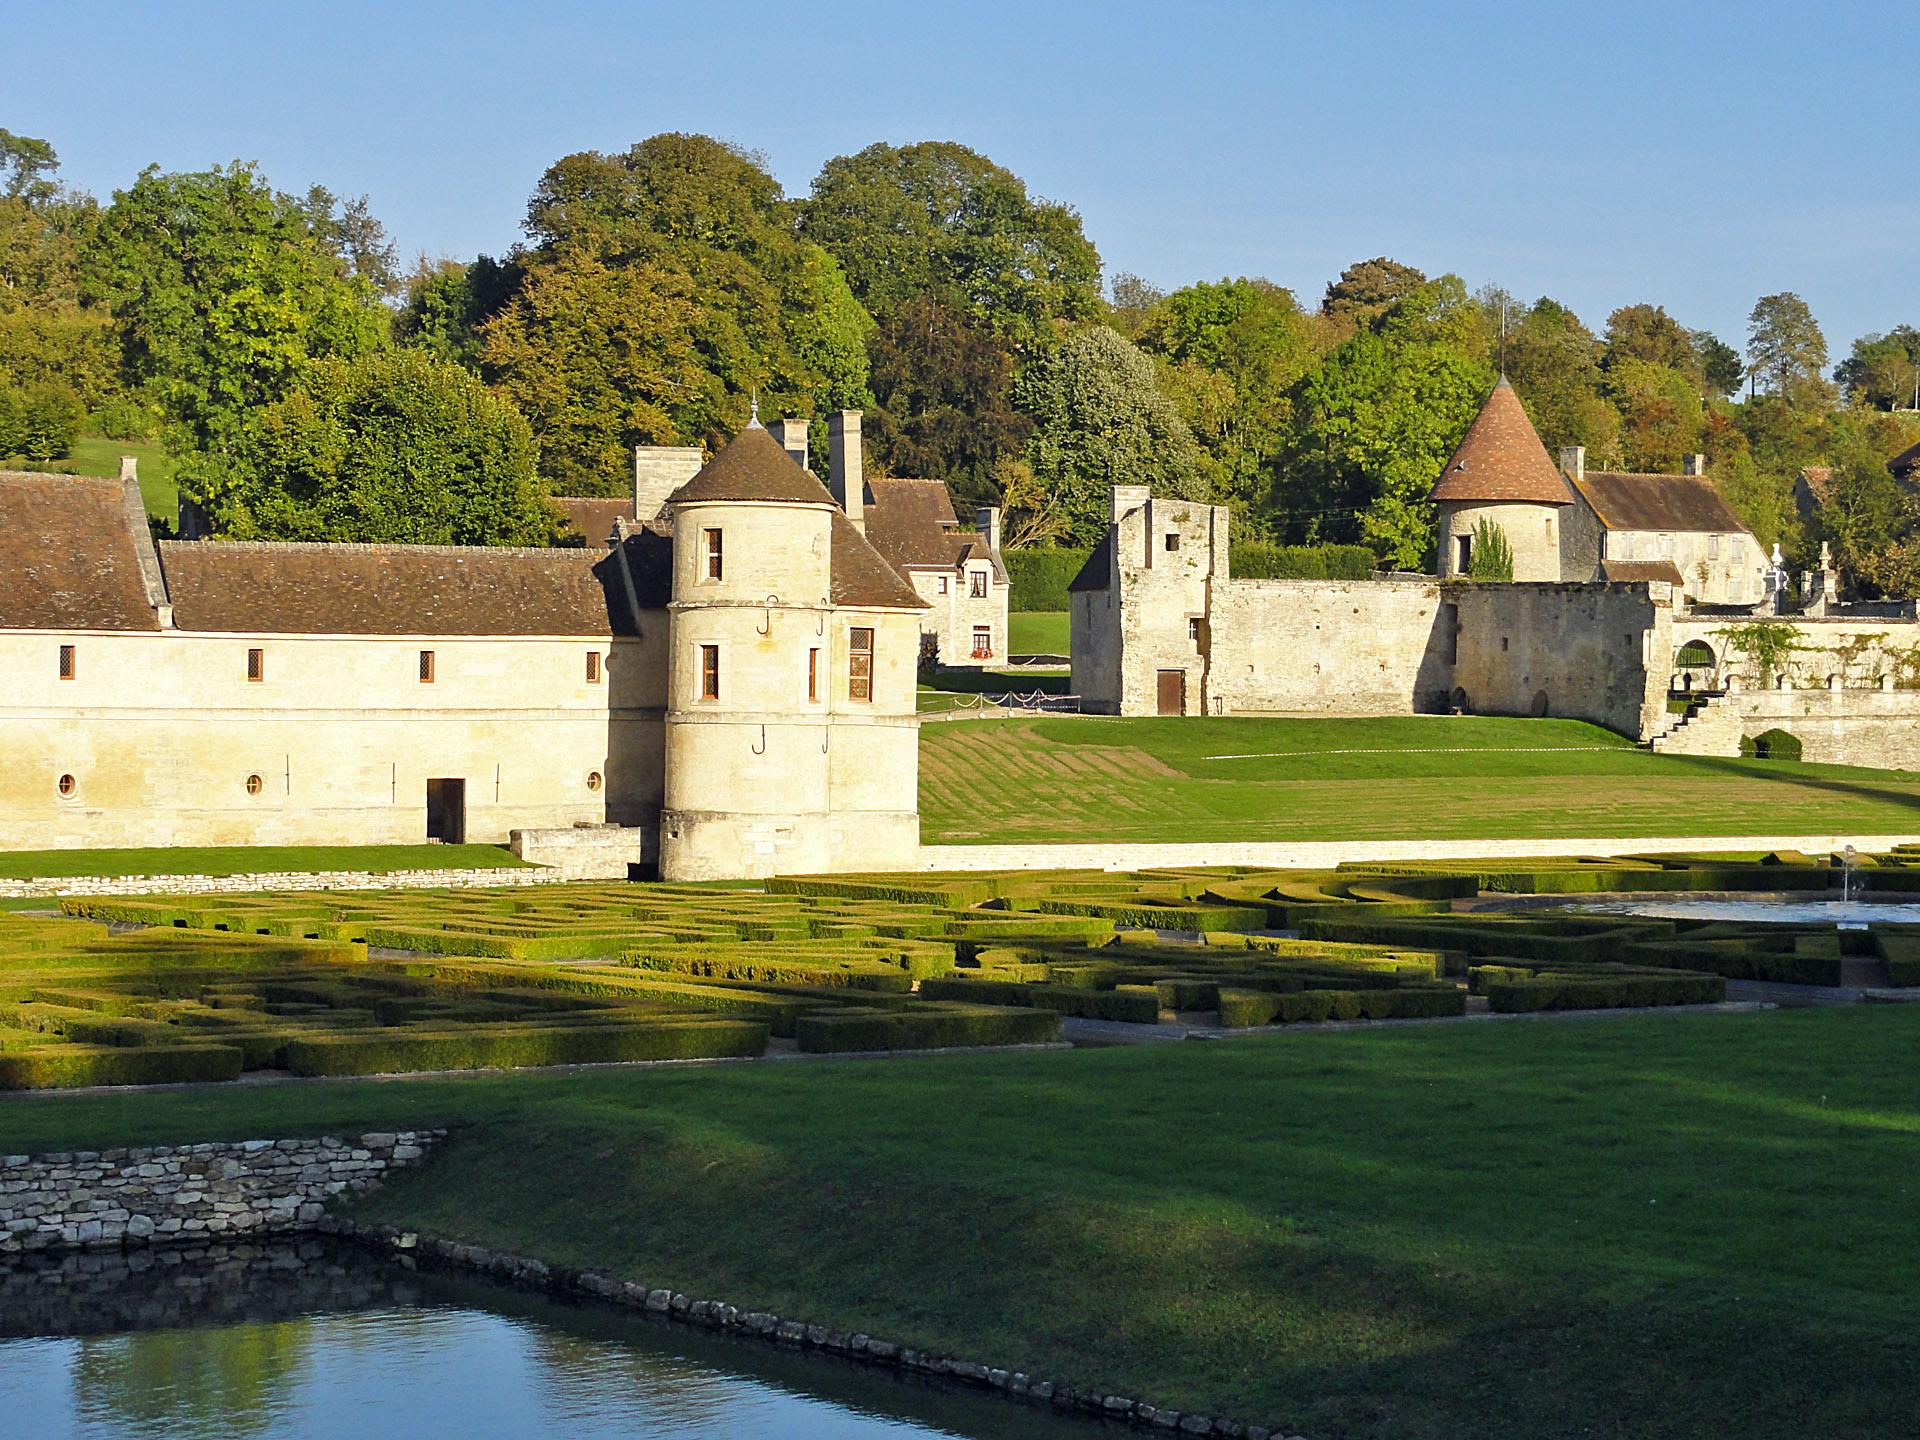 Domaine de Villarceaux - La tour saint-Nicolas et le manoir de Ninon XVIe siècle 02.jpg